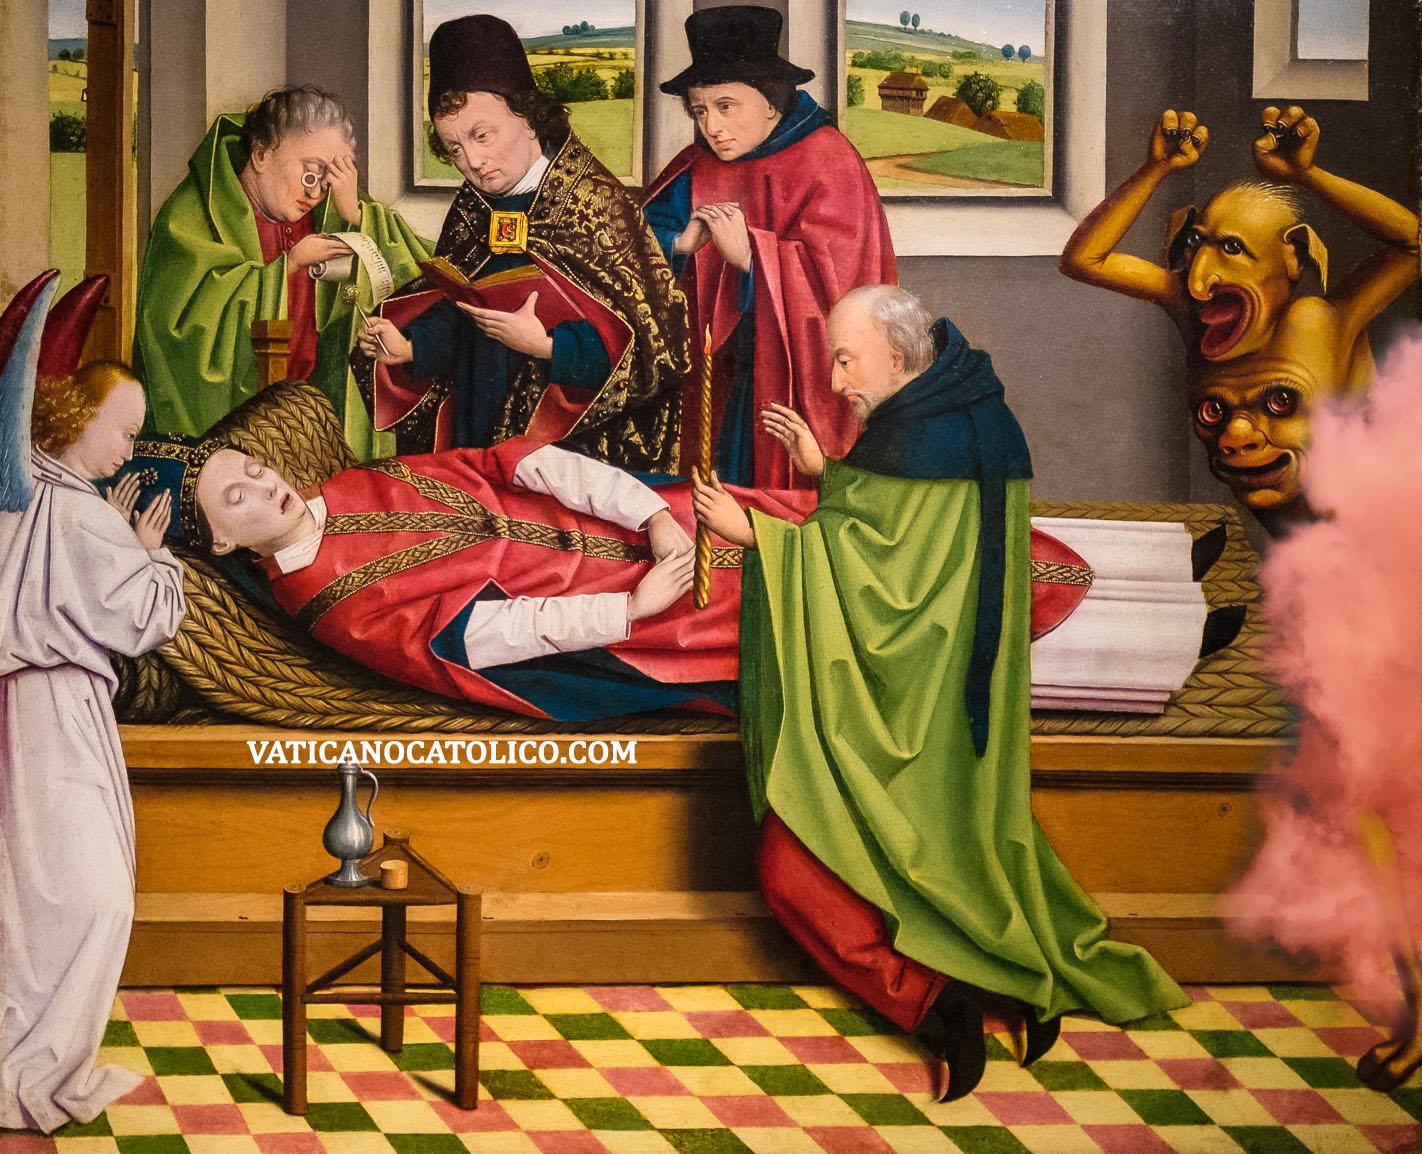 San Martín de Tours en su caballo y hace caridad al hombre pobre